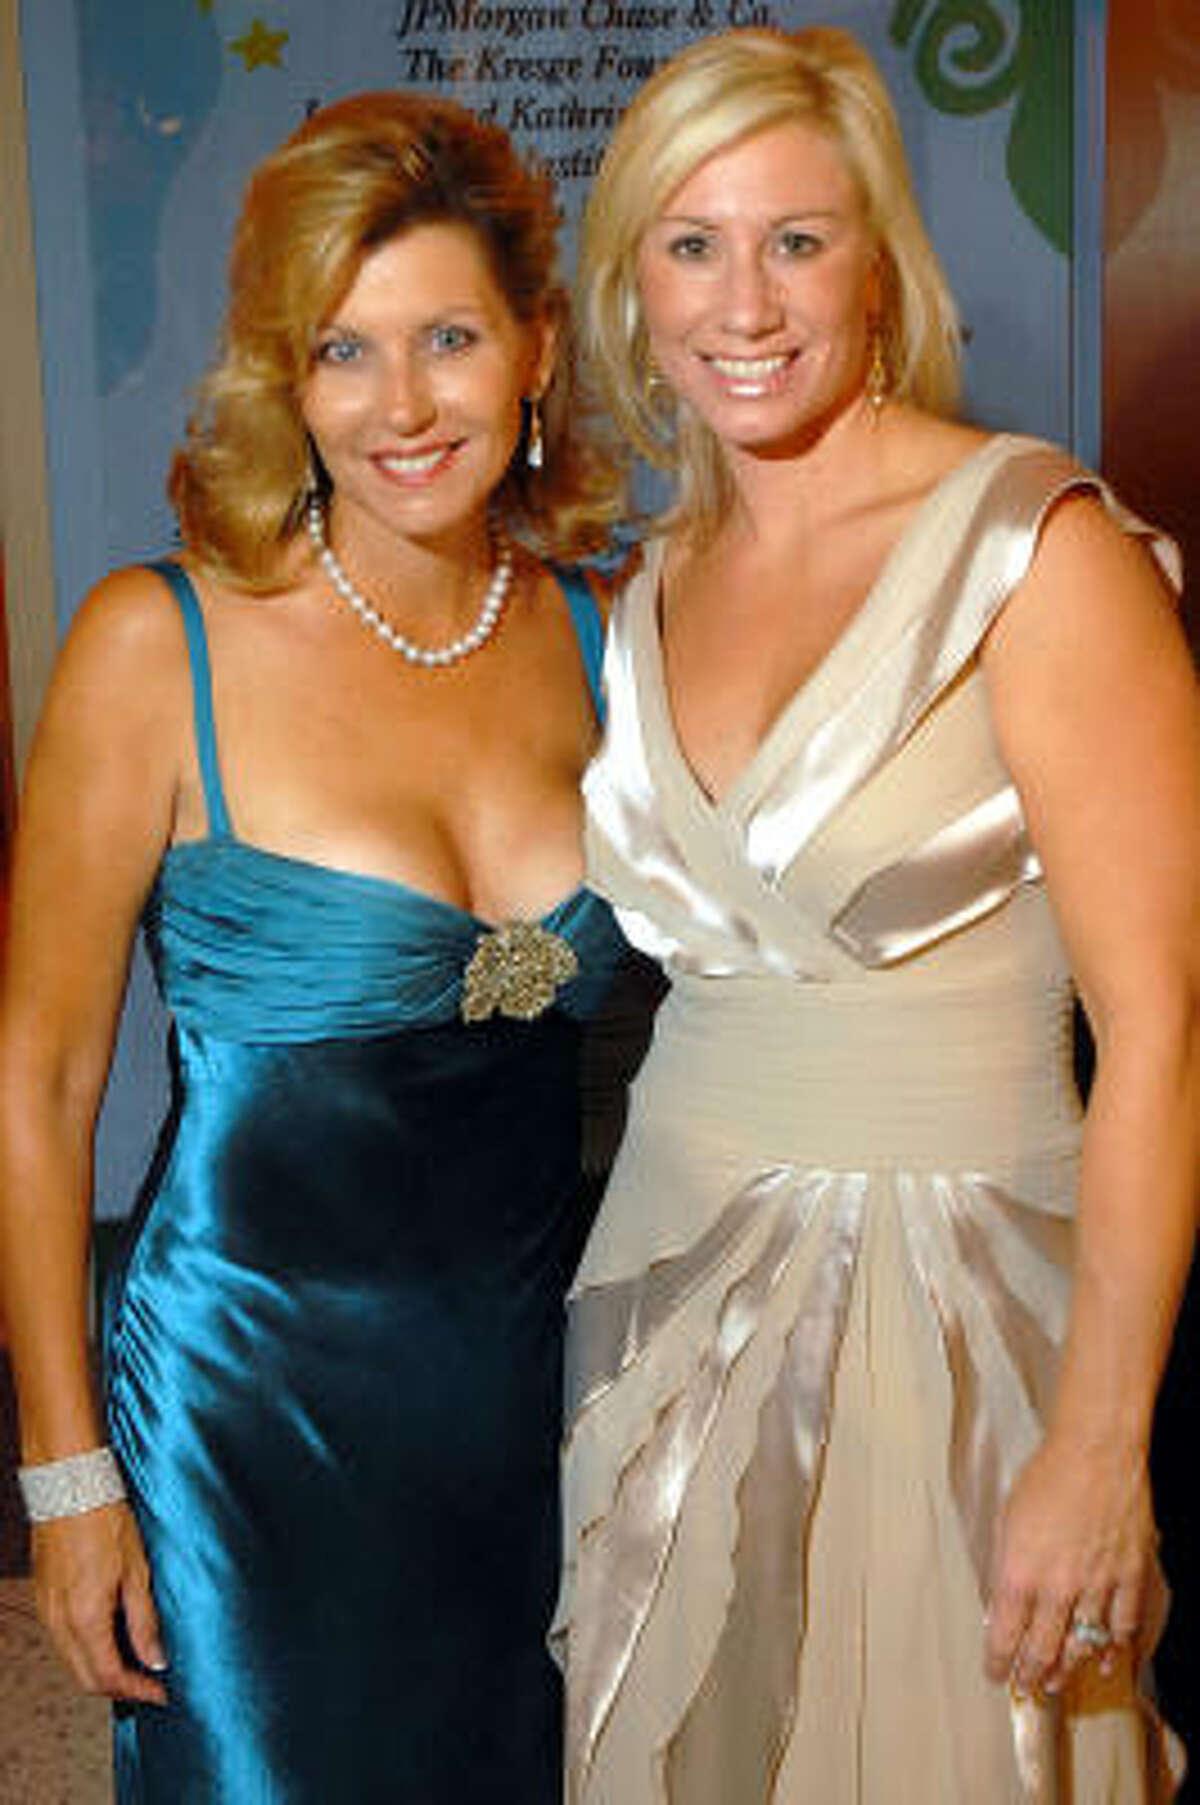 Susan Plank and Cathy Finn